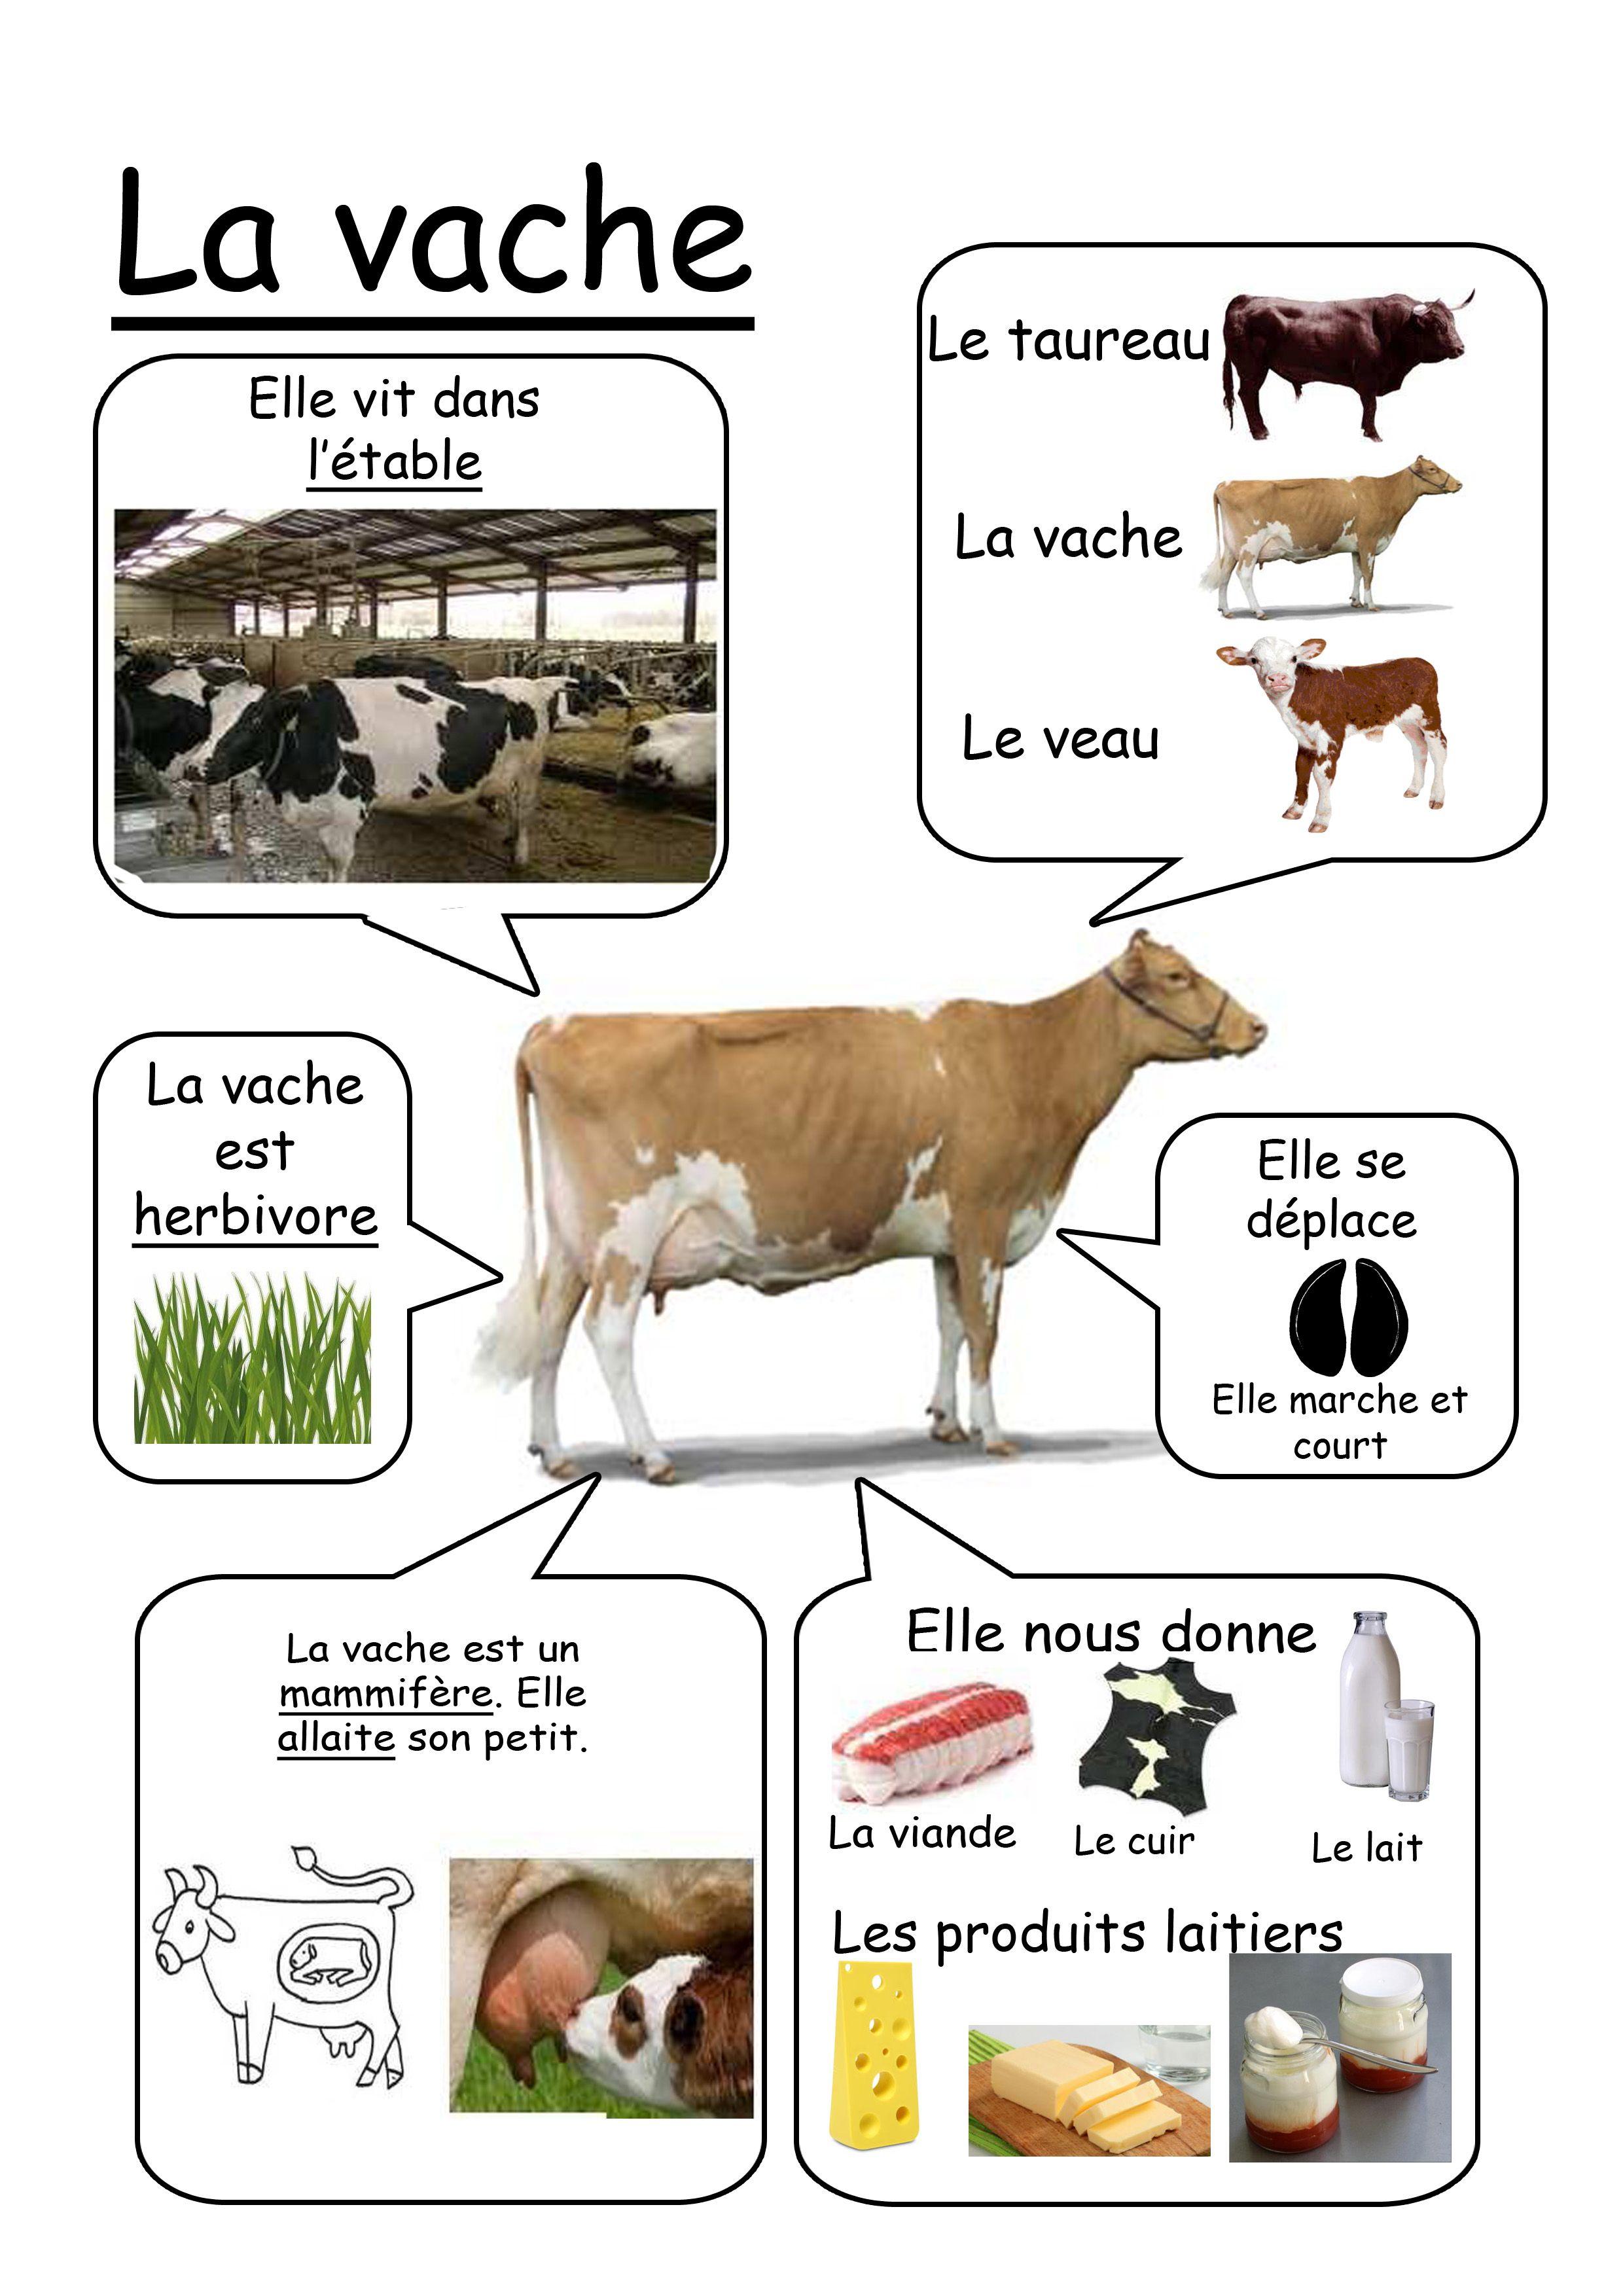 Vache animaux de la ferme autres animaux de la ferme - Images d animaux de la ferme ...